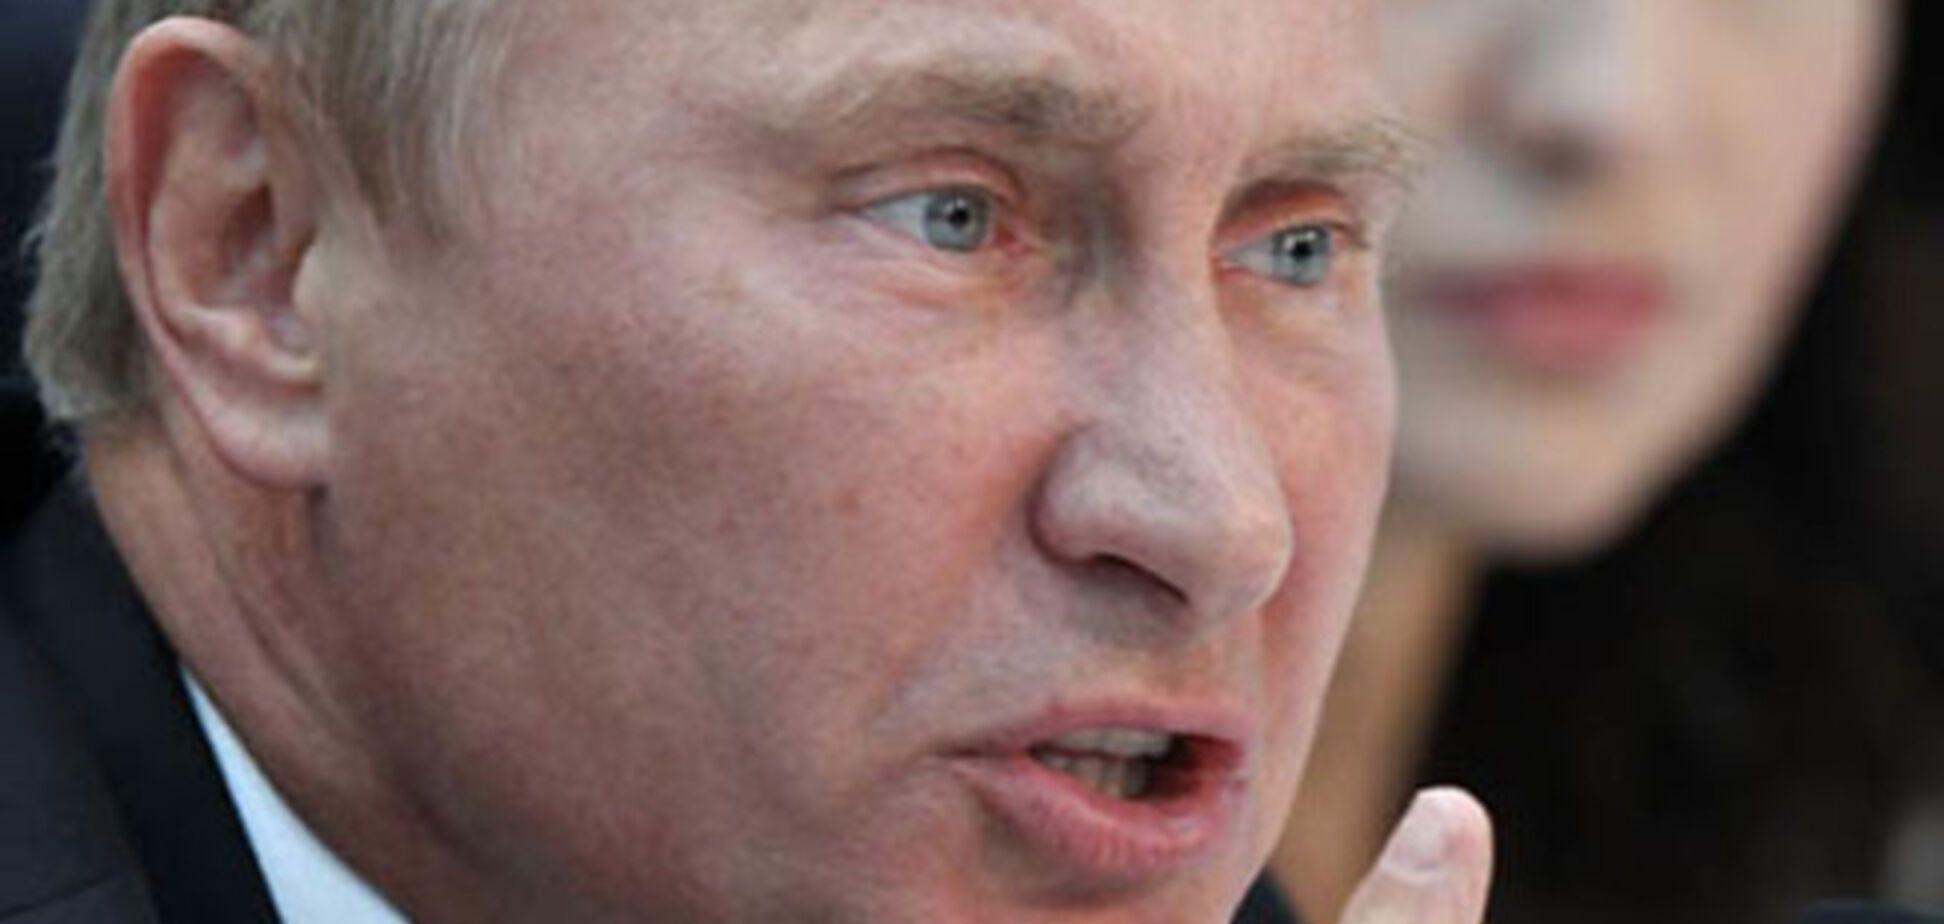 Путин сделал подтяжку лица, как у метросексуалов